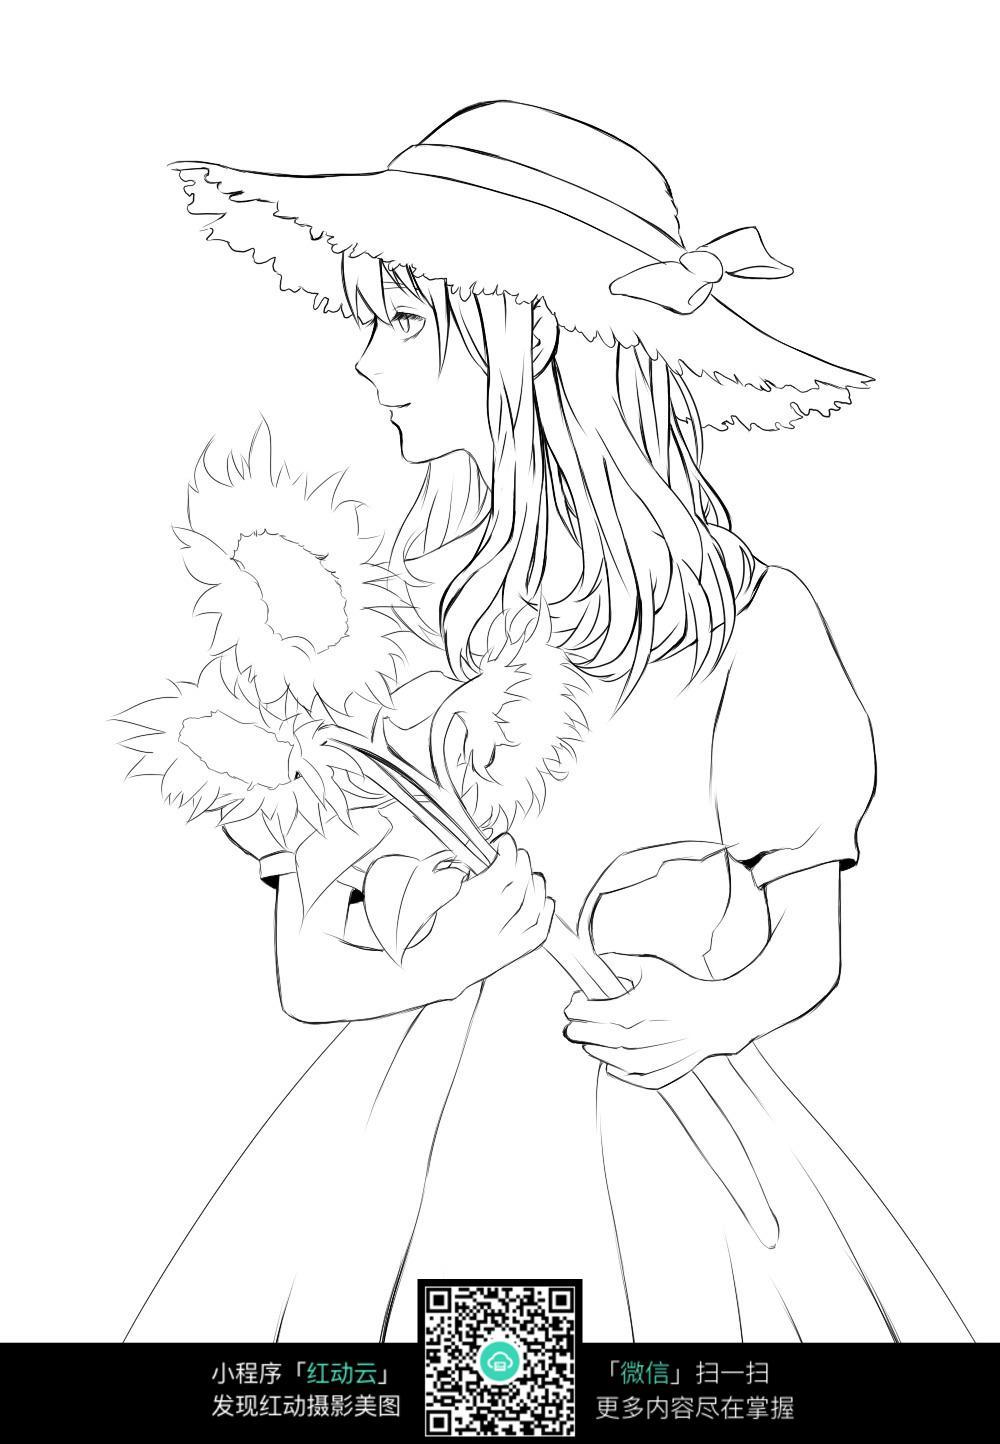 拿着向日葵的女孩卡通手绘线稿jpg